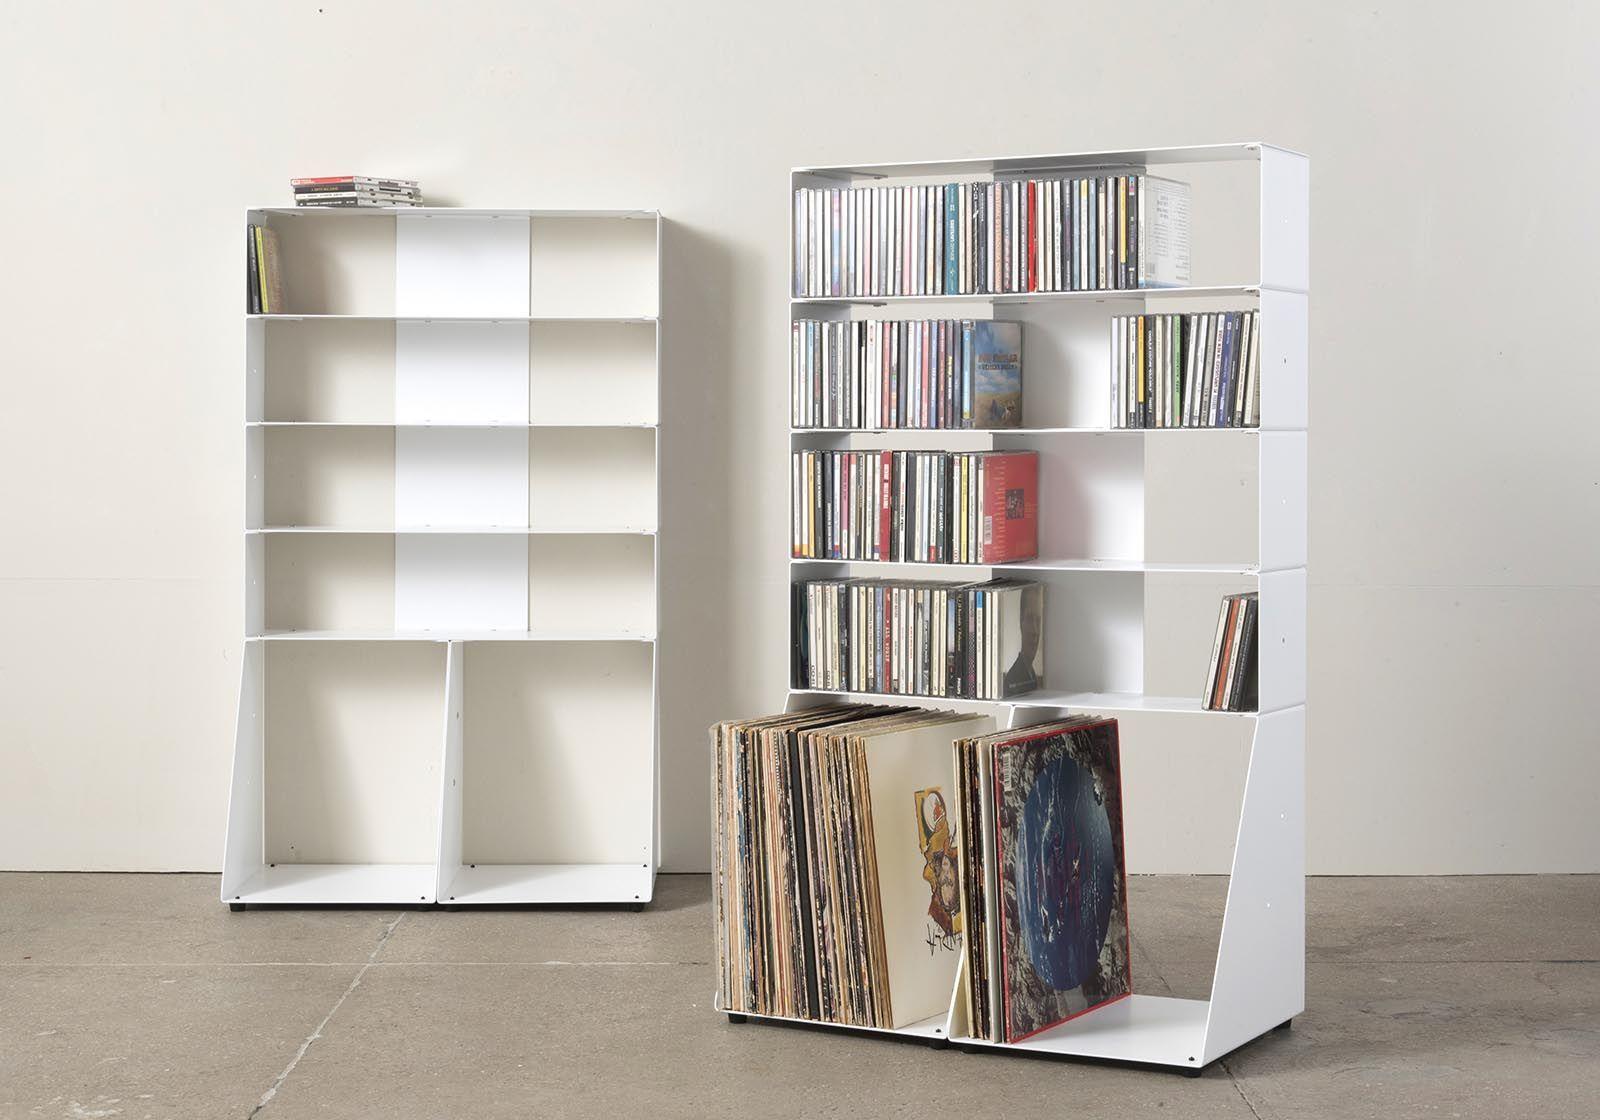 cd vinyl storage w60 h95 d32 cm 5 shelves. Black Bedroom Furniture Sets. Home Design Ideas